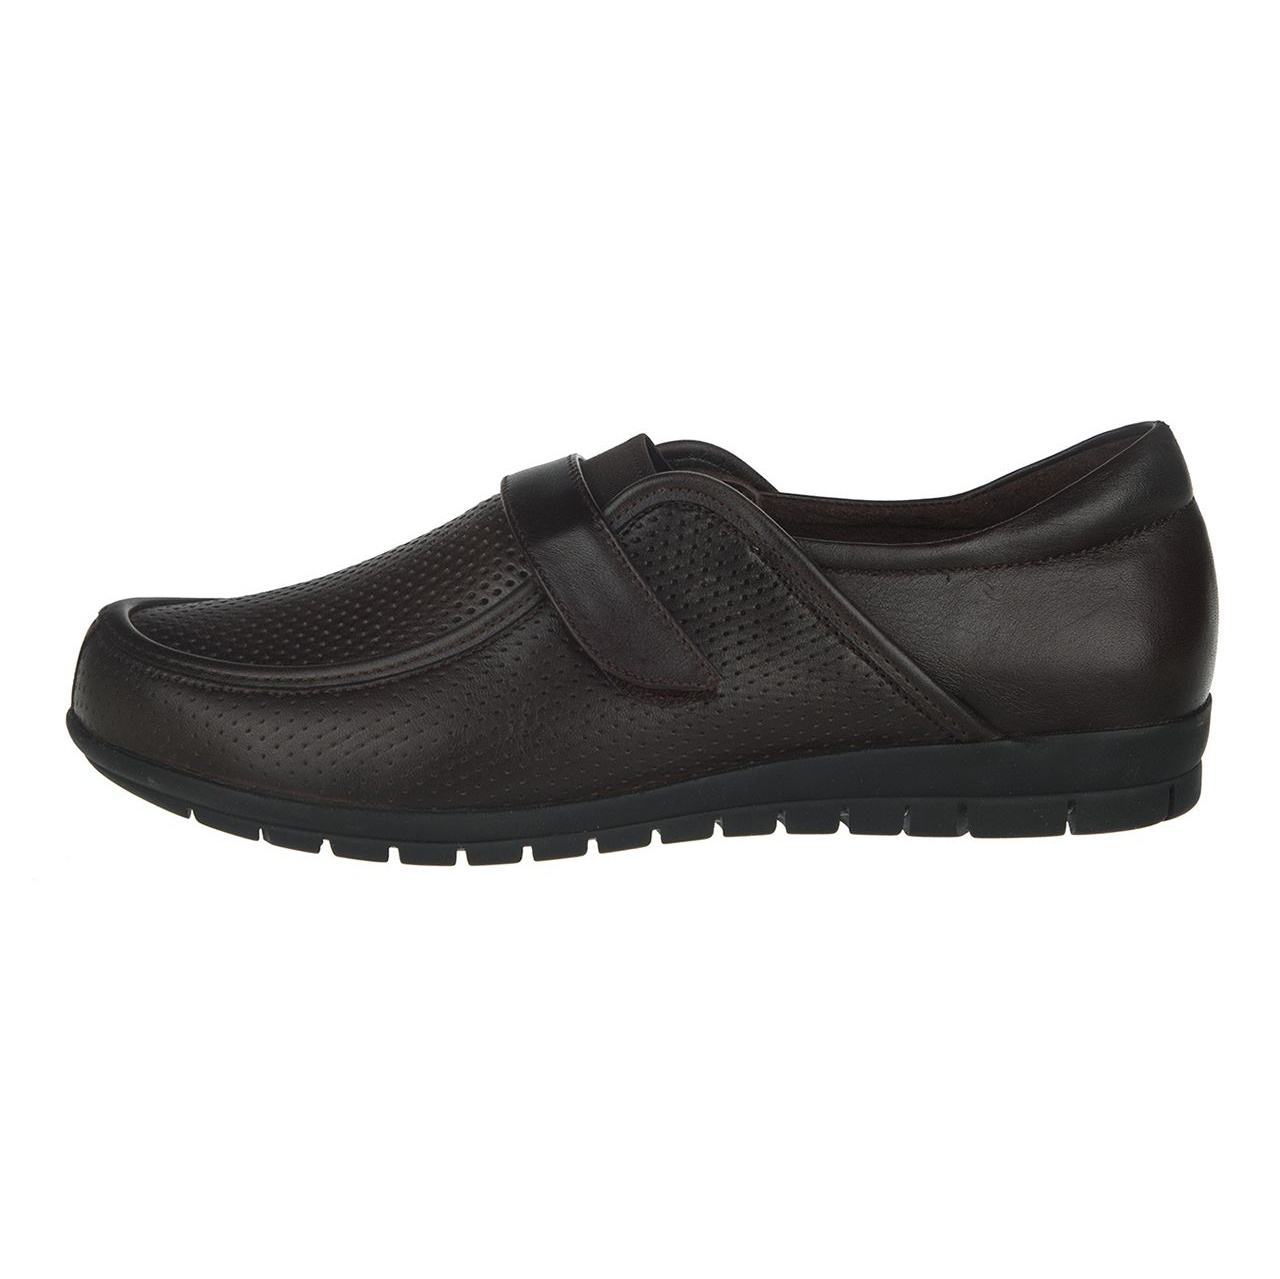 کفش زنانه شیفر مدل 5167A-DBR main 1 1